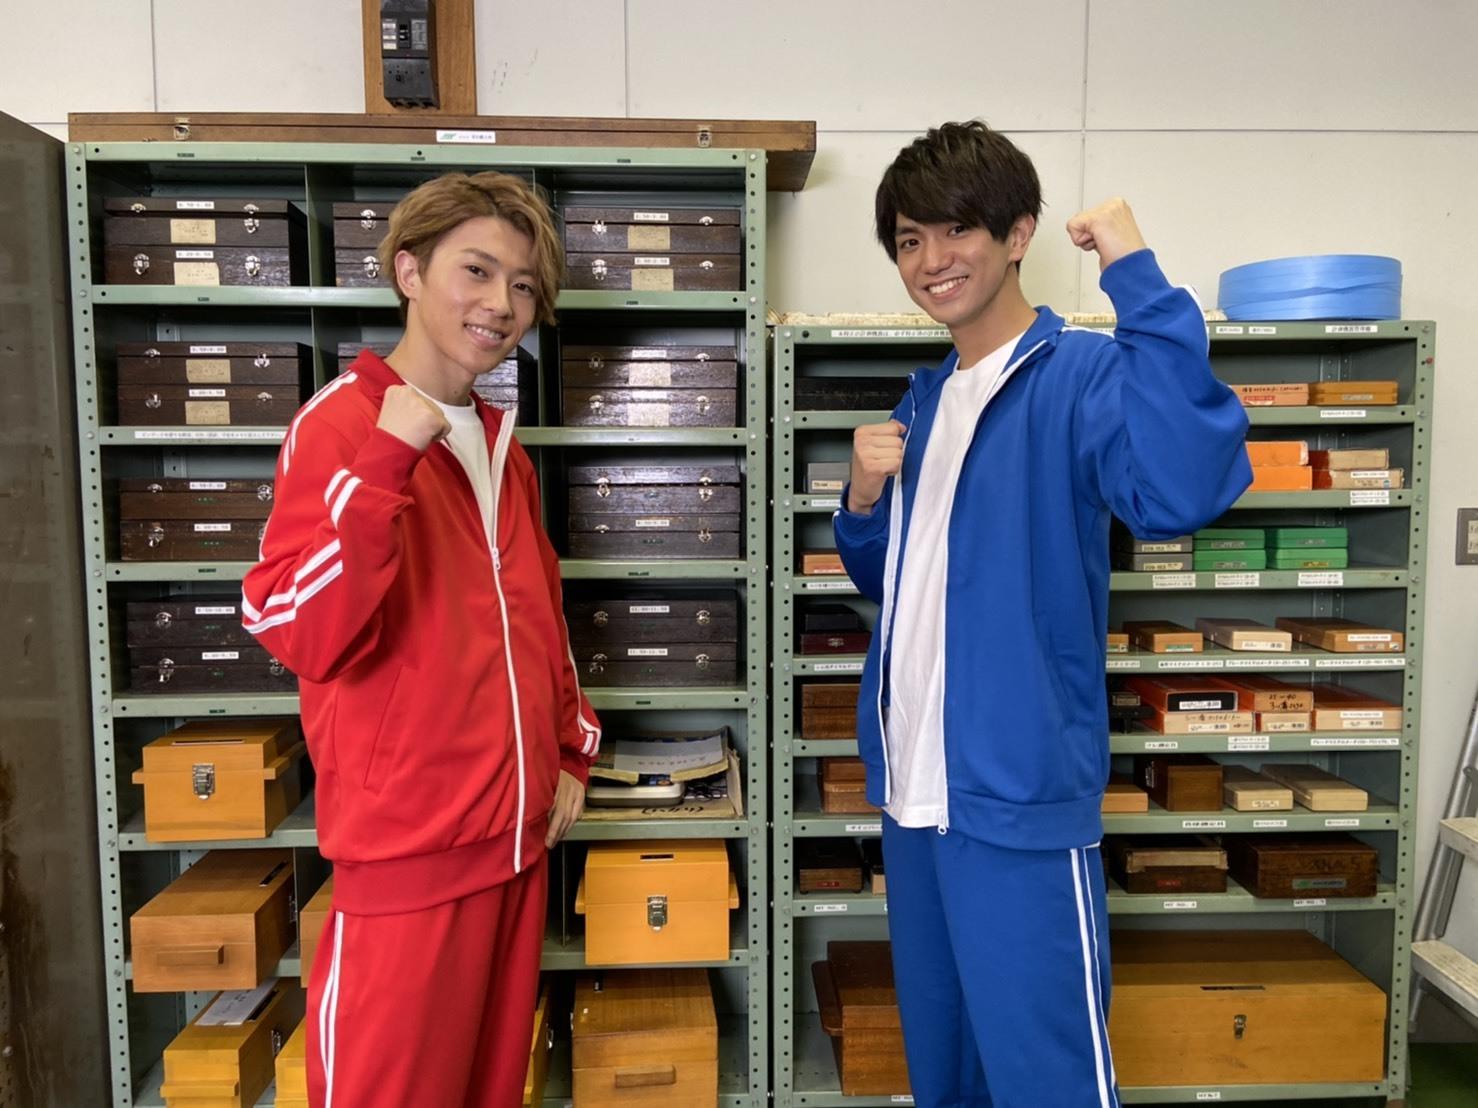 左から、末澤誠也、正門良規(関西ジャニーズJr./Aぇ! group)